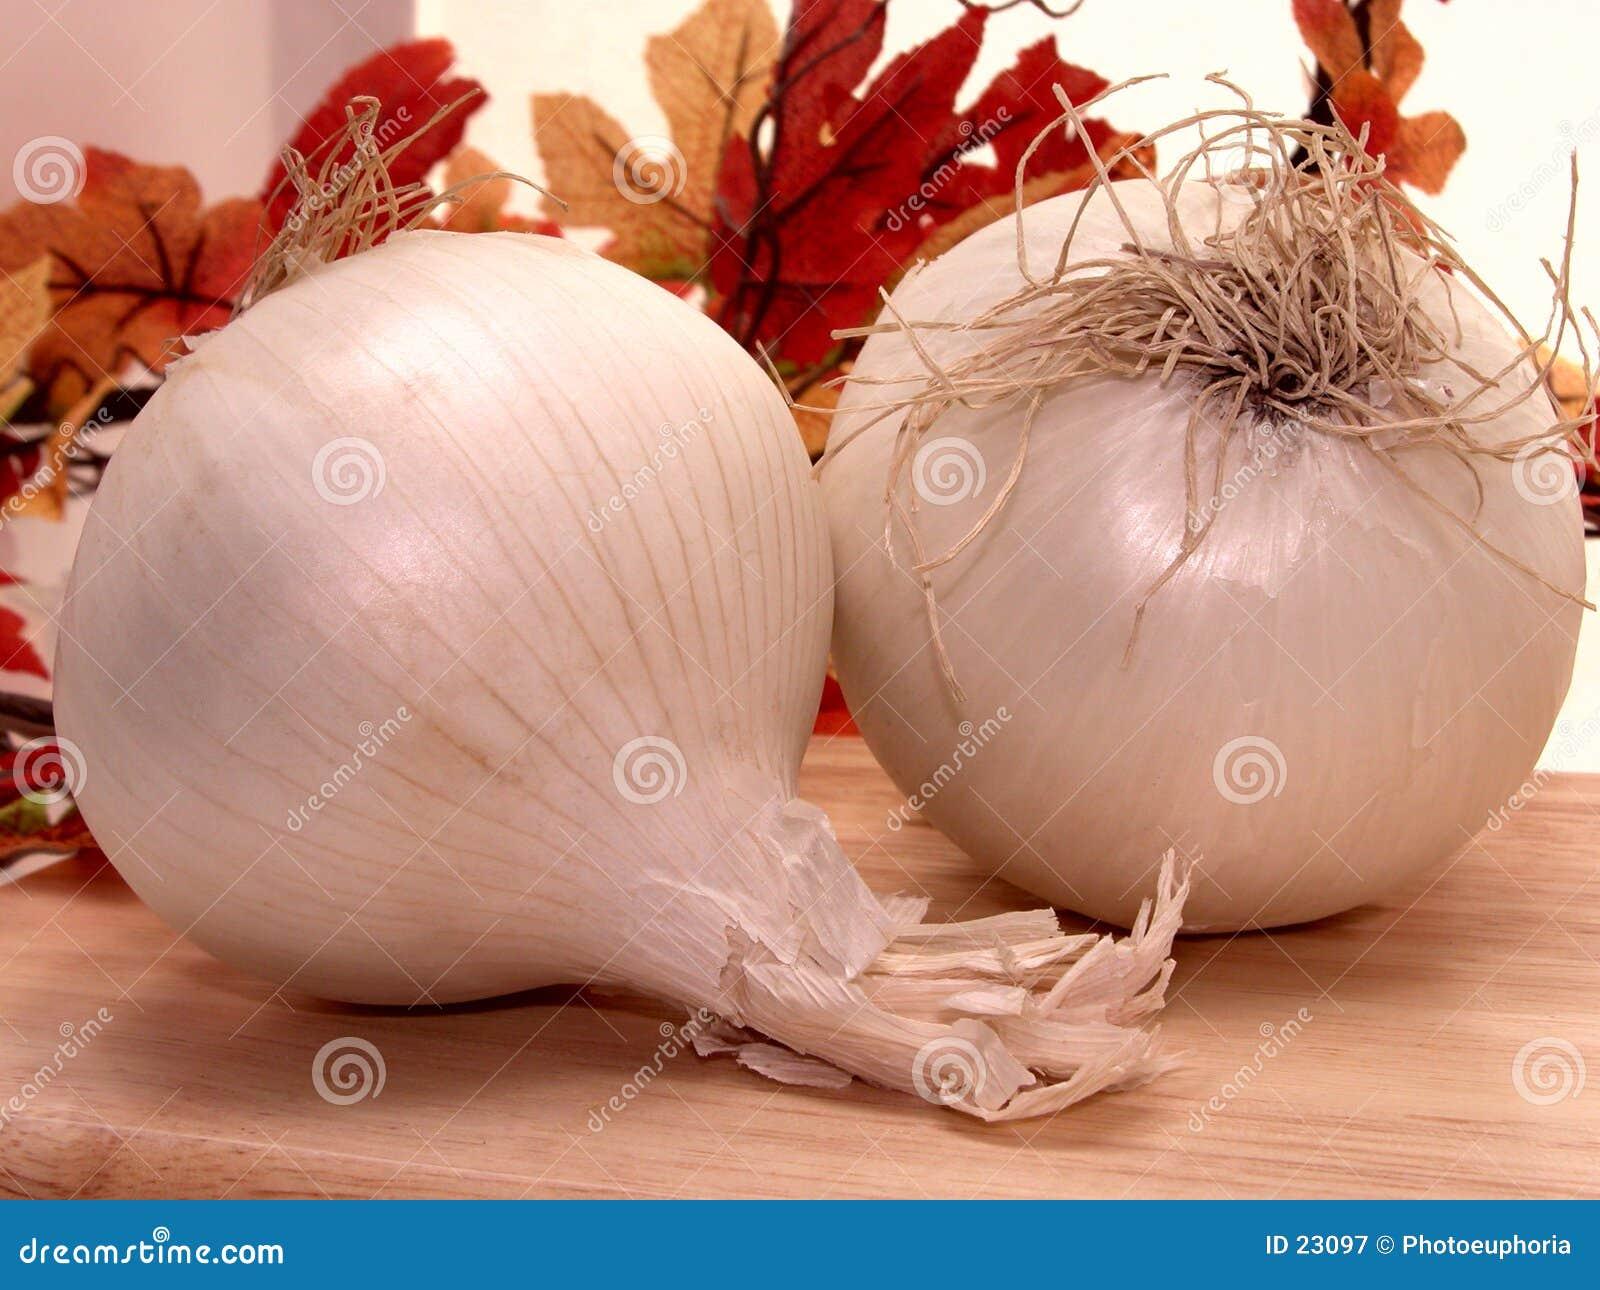 Nourriture : Oignons blancs